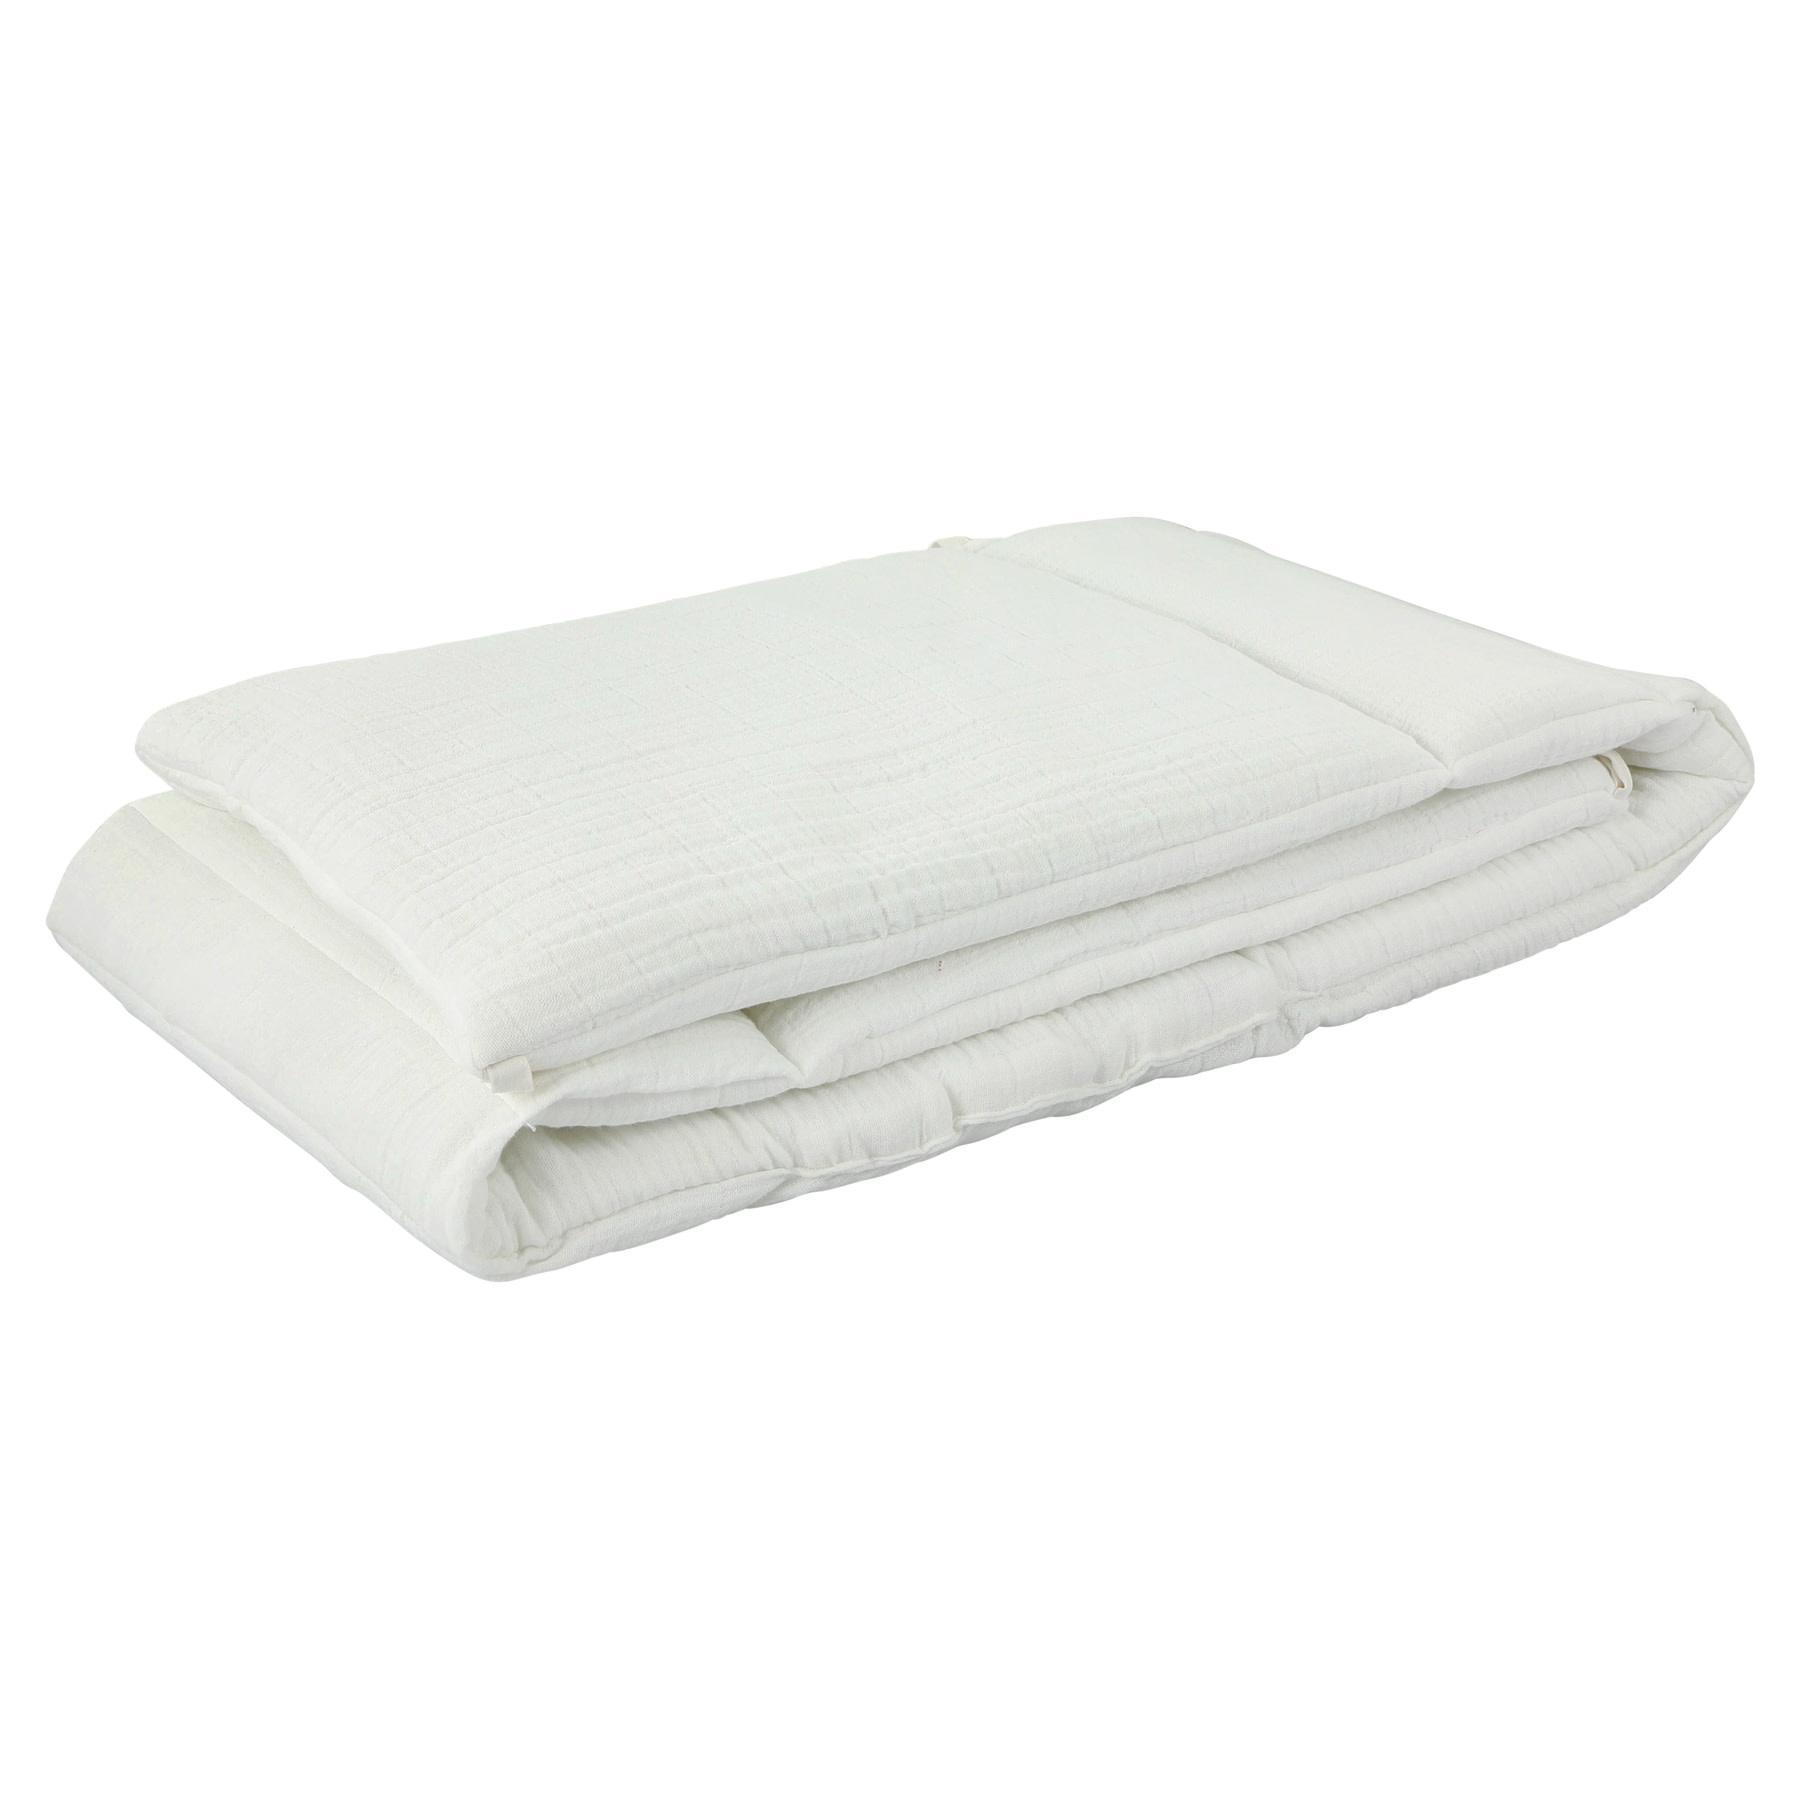 Bedbumper bliss white-1